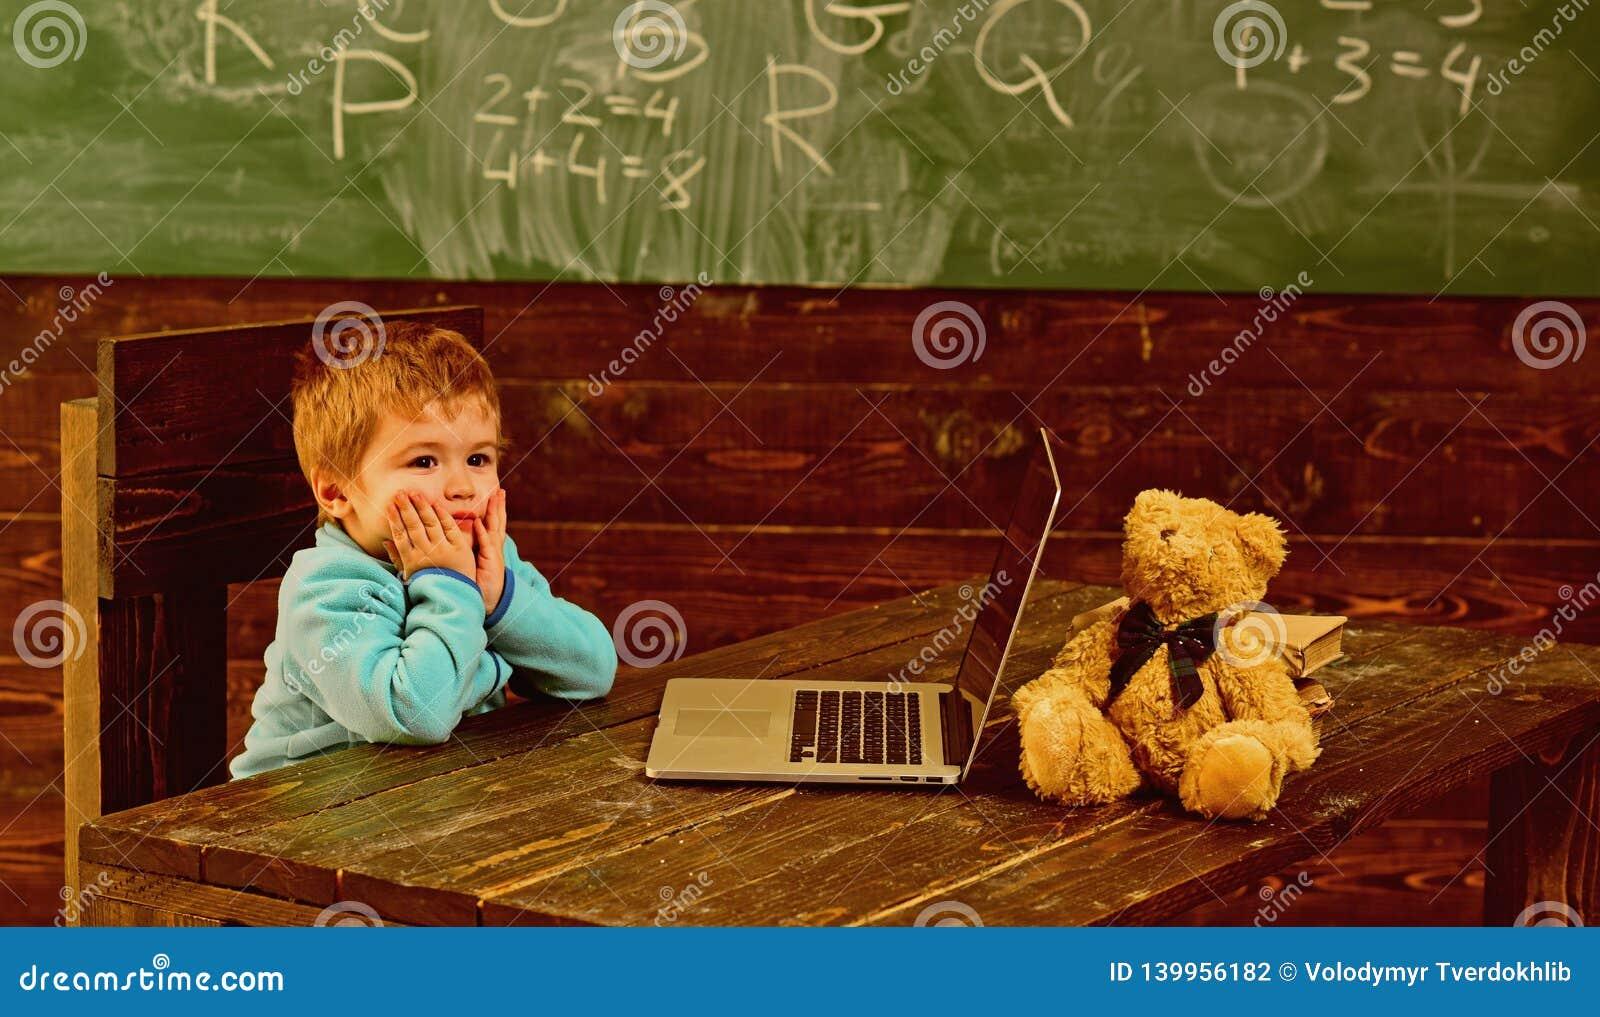 De nuevo a escuela El niño pequeño está de nuevo a escuela De nuevo a escuela con nueva tecnología De nuevo a escuela y a parecer